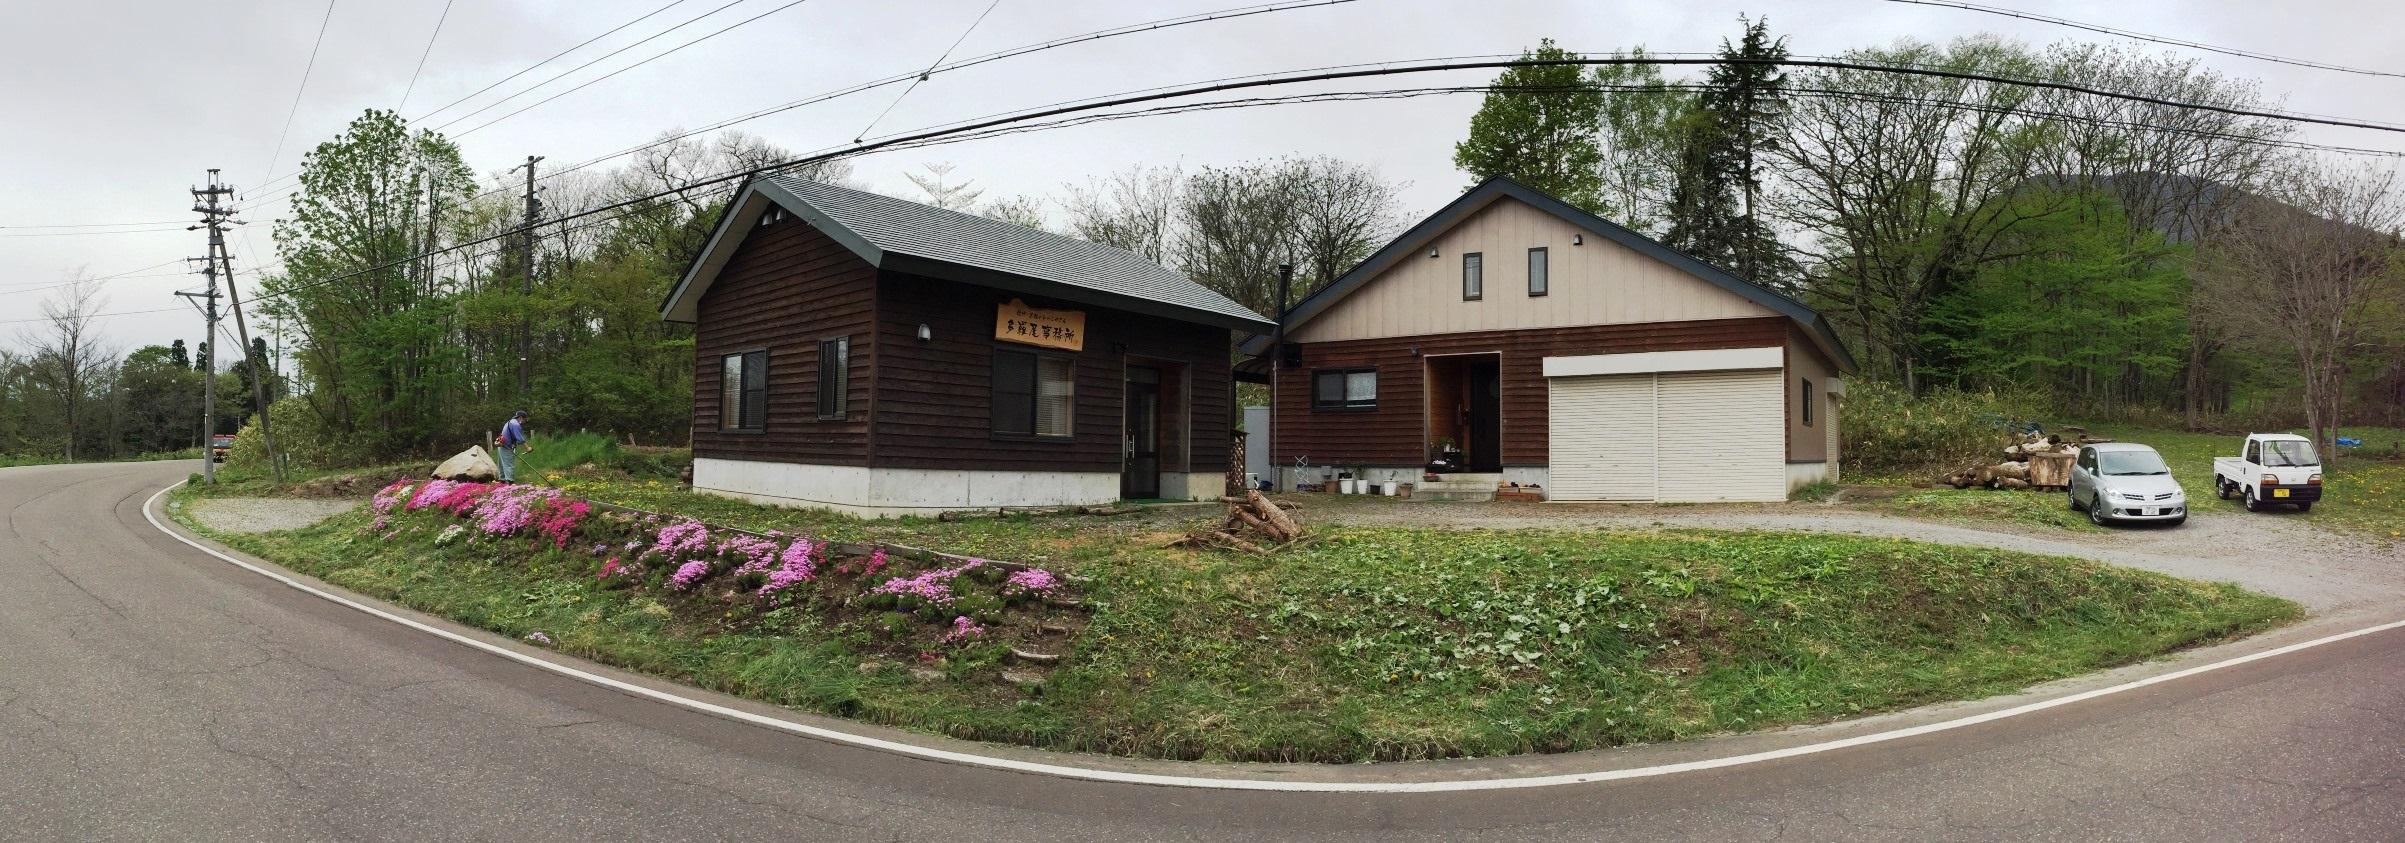 我が家の庭の風景と、とっこやさん作業場の様子20160506